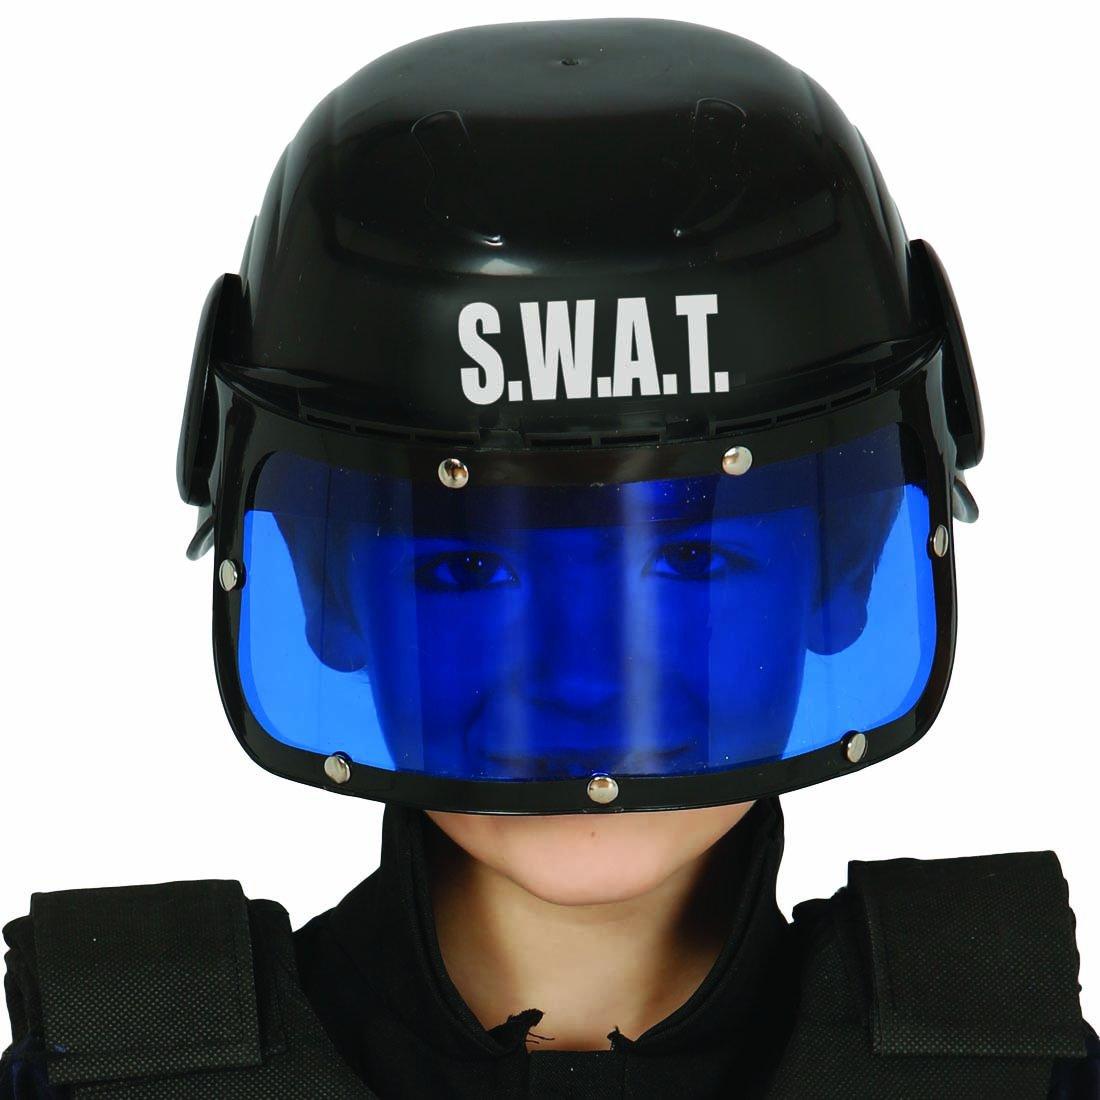 NET TOYS Casque Enfant S.W.A.T Casque de Policier Enfants /équipement dintervention Forces sp/éciales Casque de Protection unit/é sp/éciale Coiffure de Combat Police Accessoire d/éguisement Policier